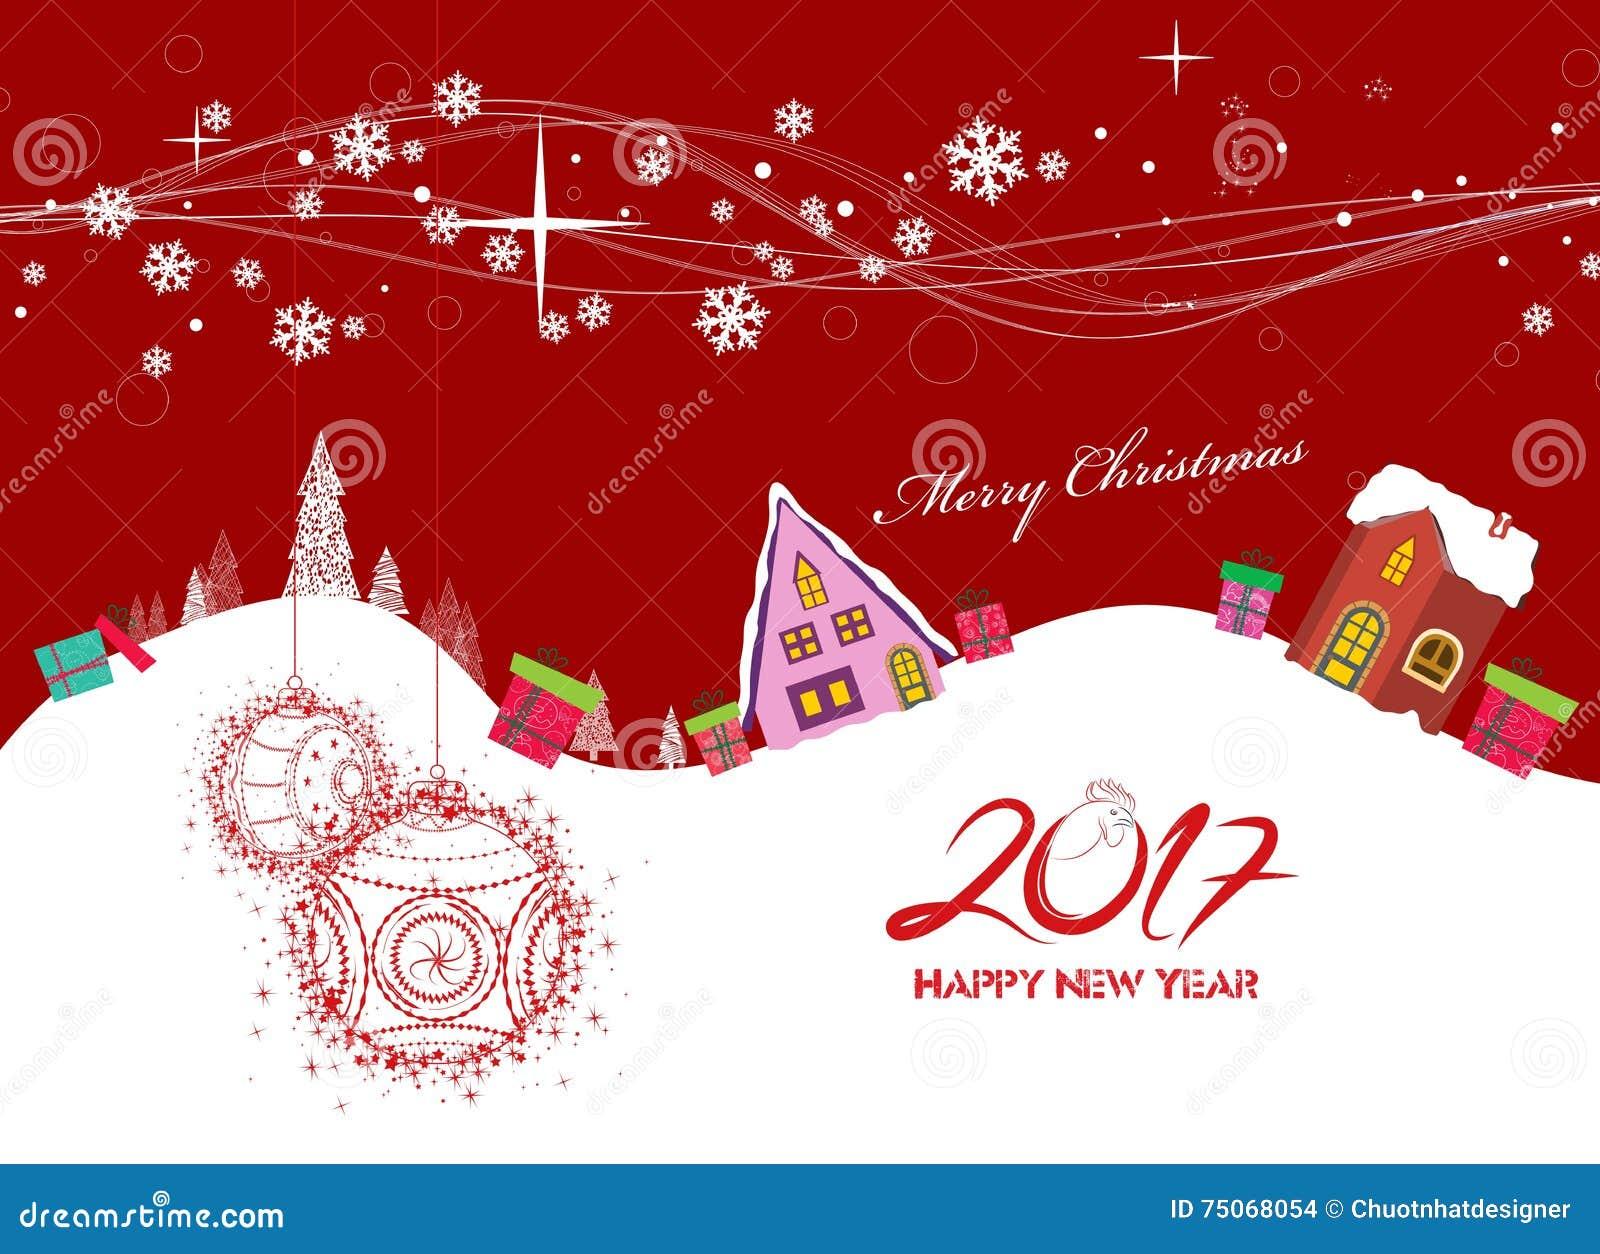 frohe weihnachten und guten rutsch ins neue jahr 2017 vektor abbildung bild 75068054. Black Bedroom Furniture Sets. Home Design Ideas